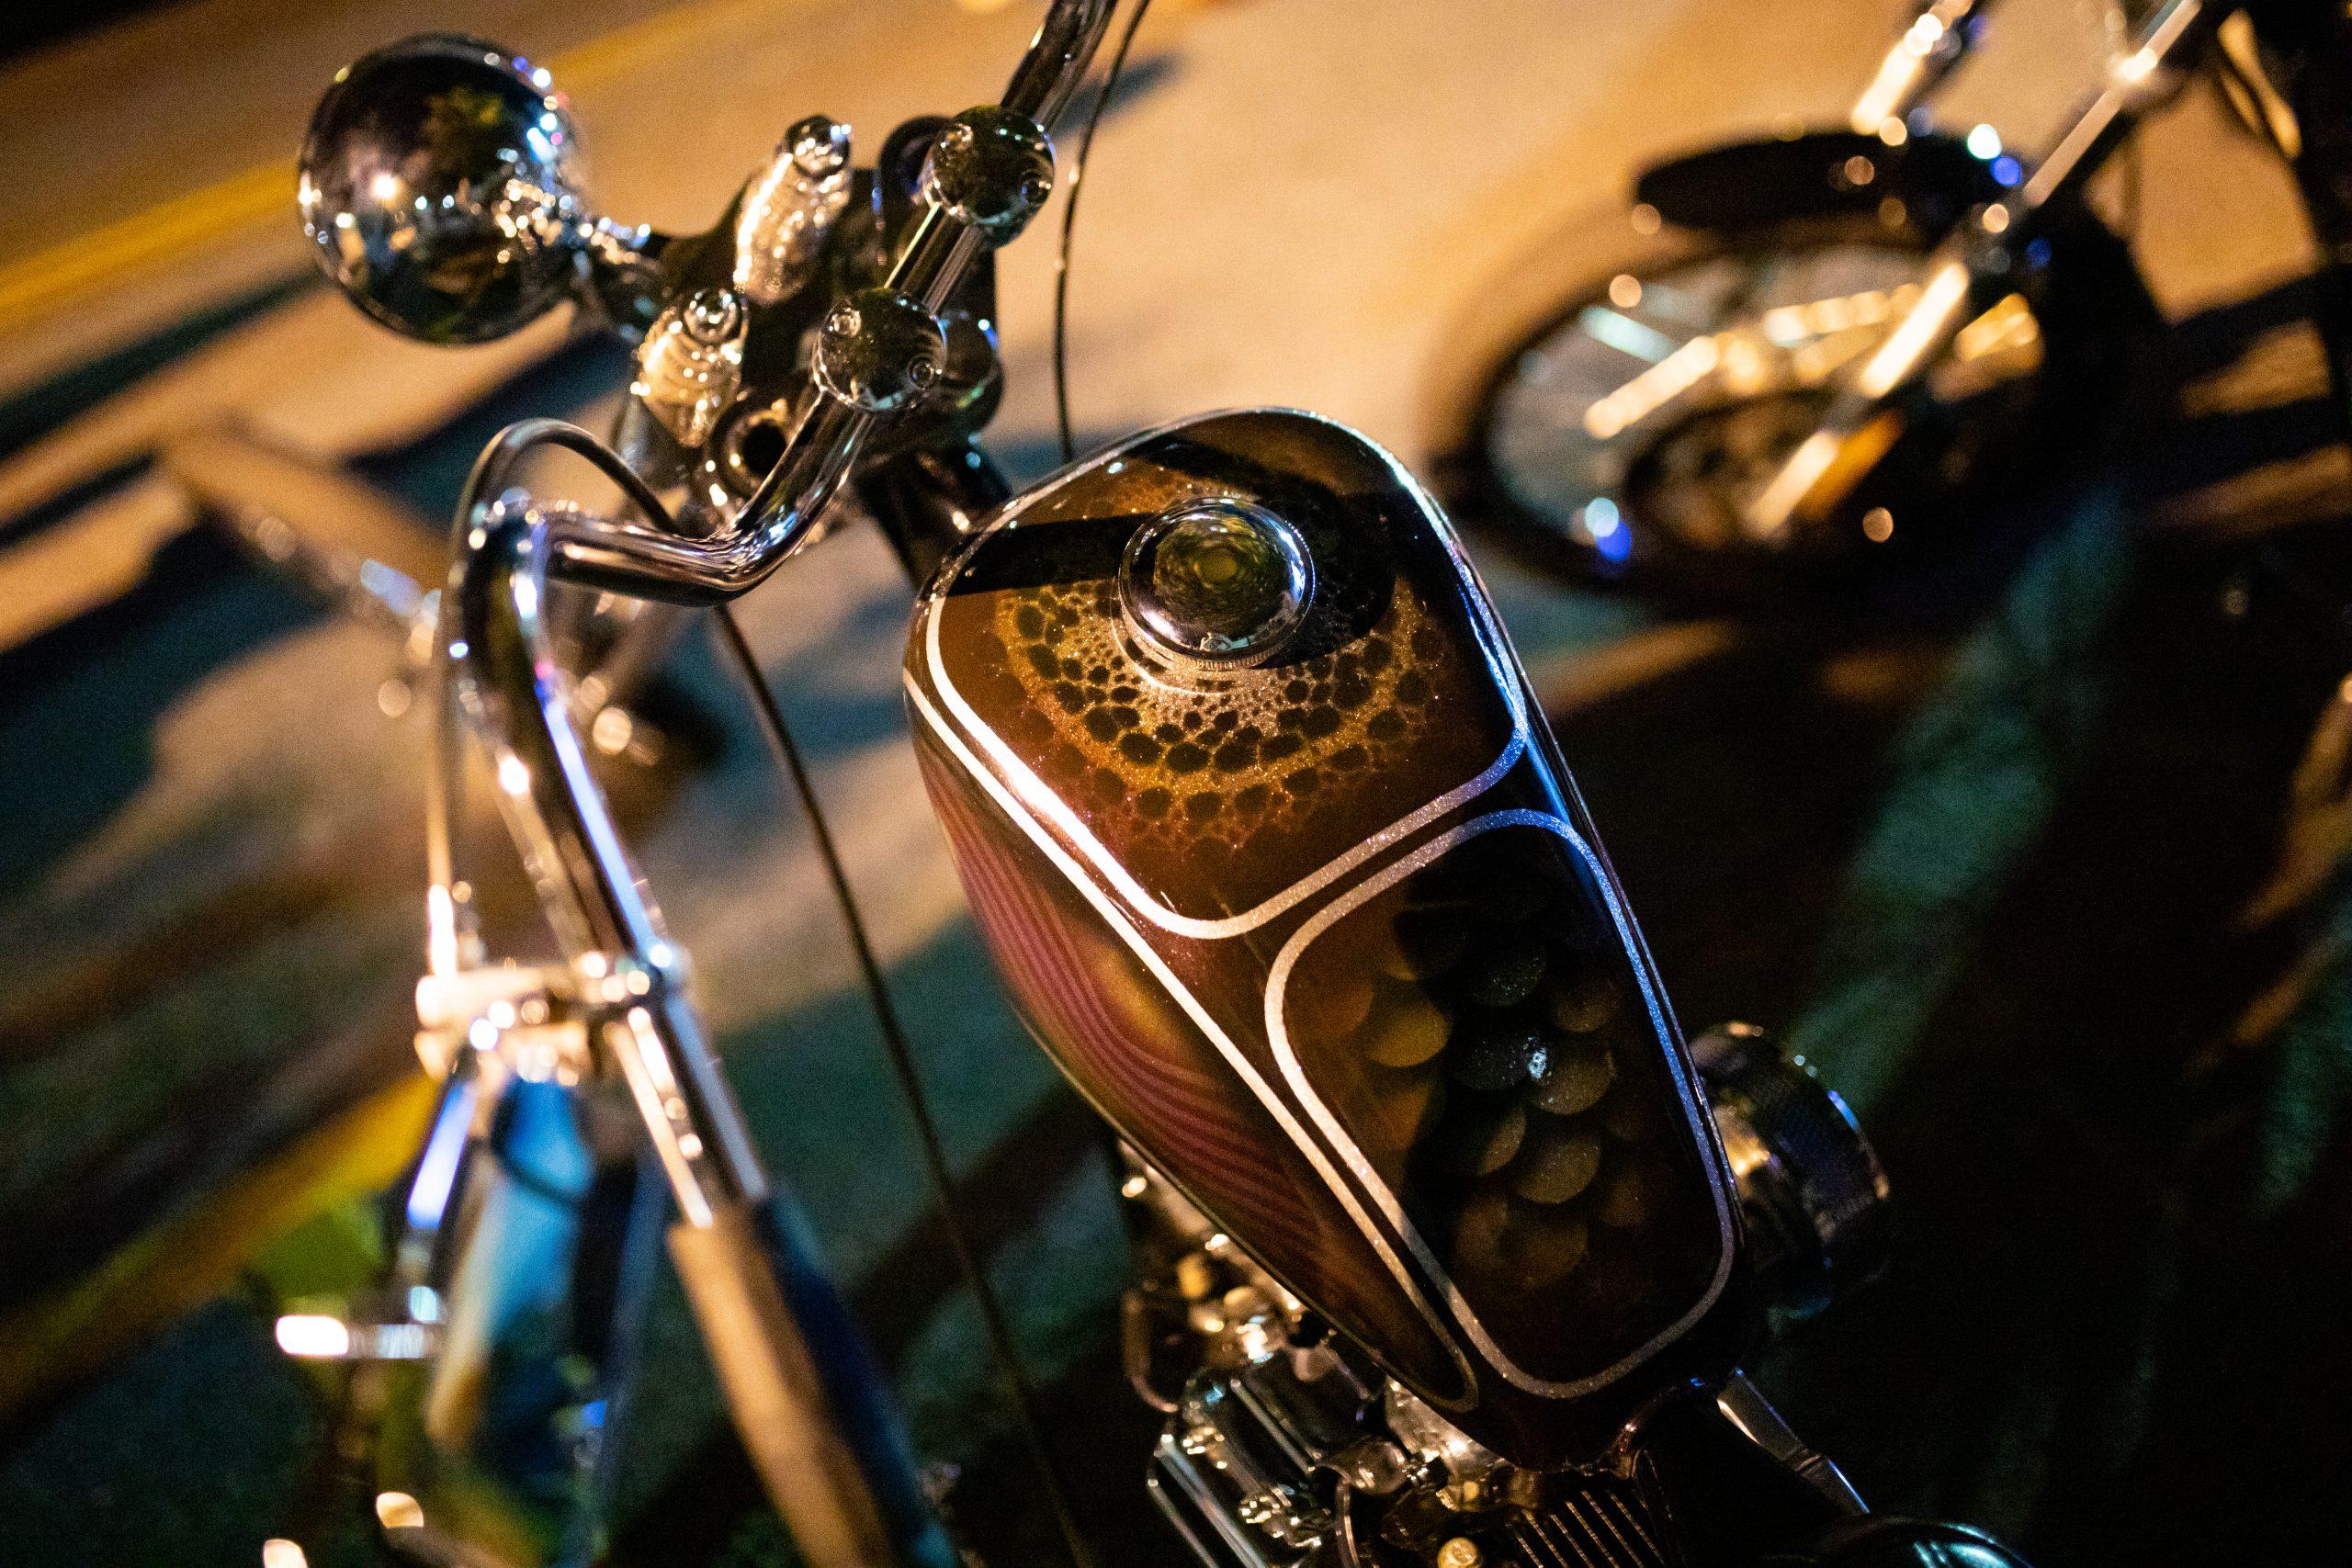 motorbike close up tank detail